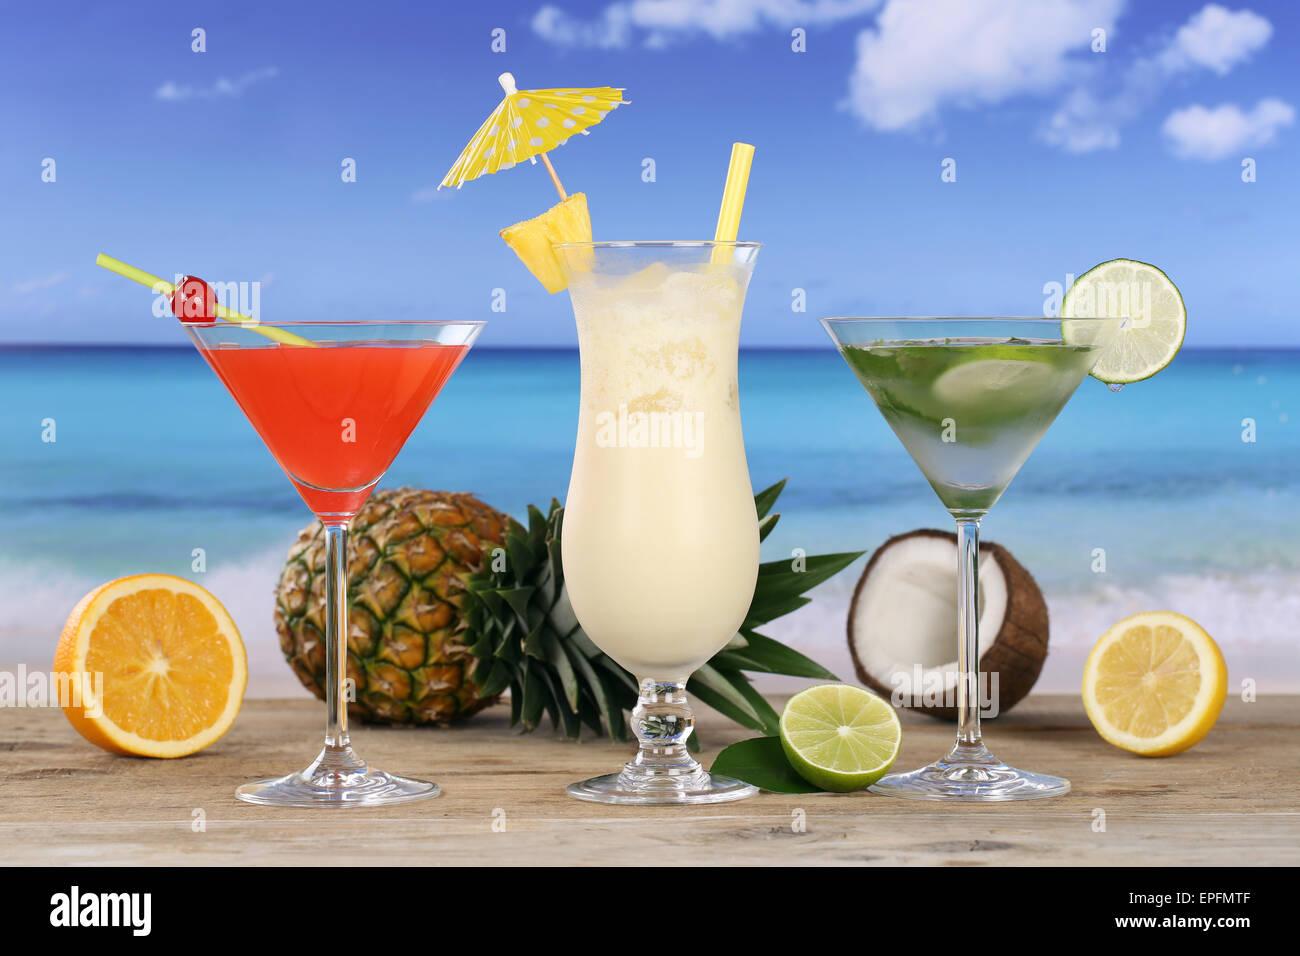 Cocktails und Drinks am Strand und Meer - Stock Image